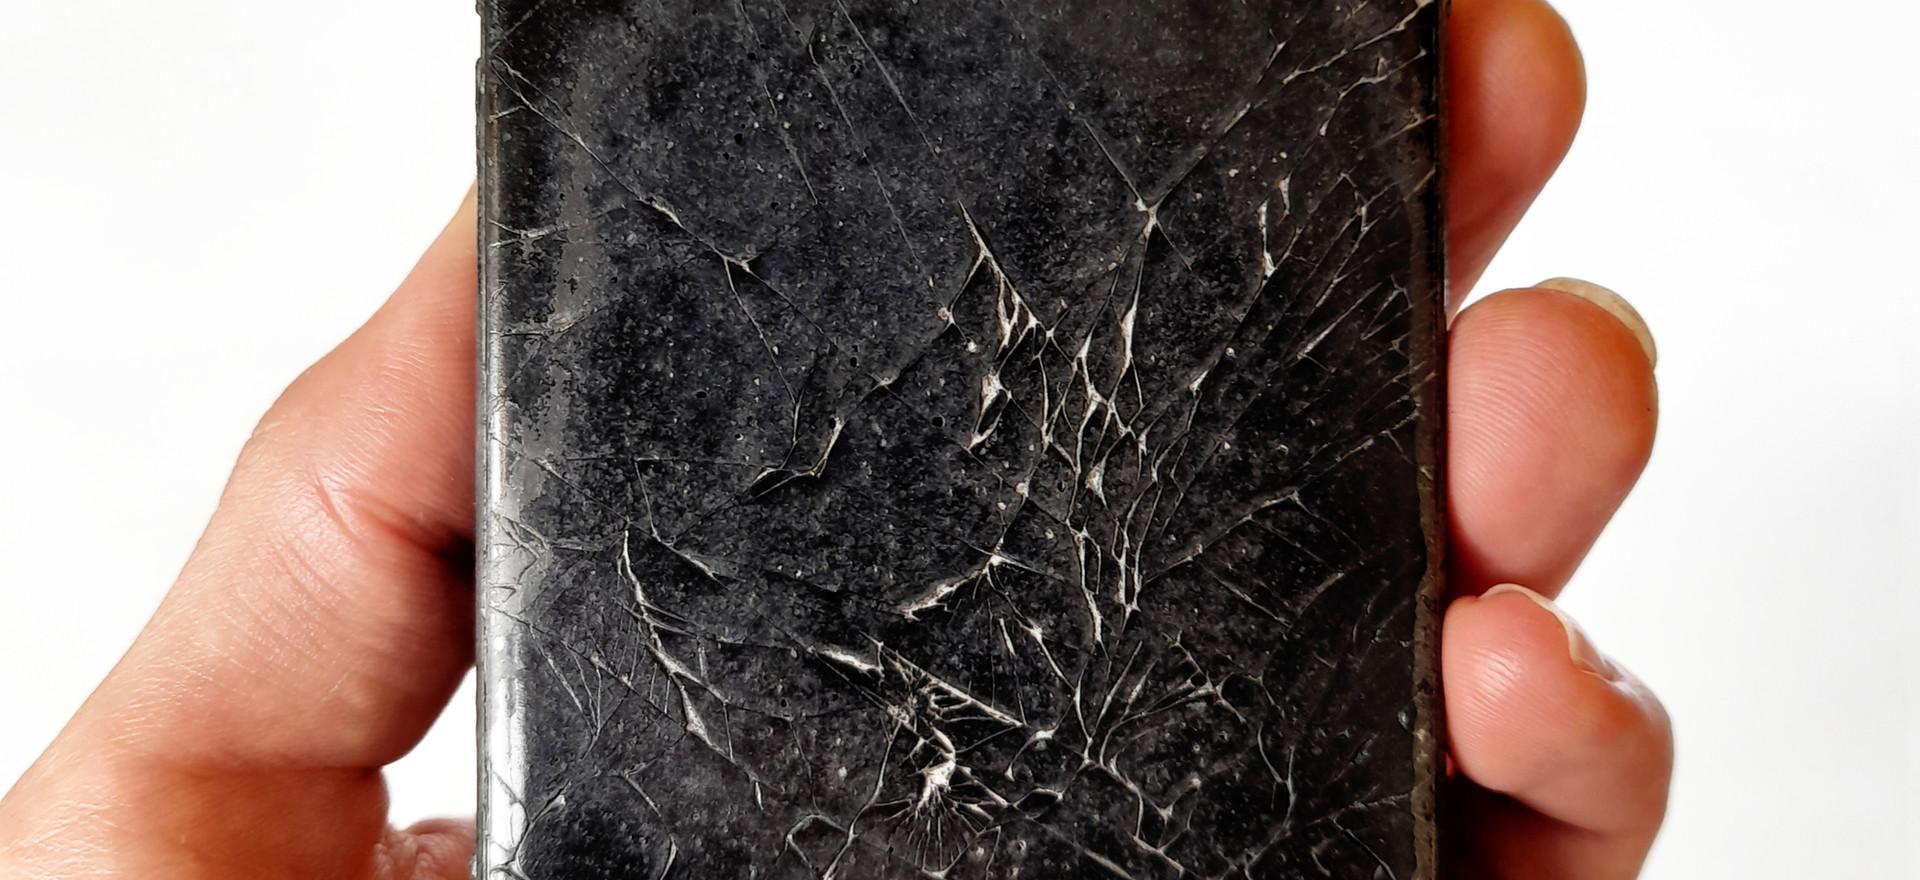 obsidian mirror [after john dee]